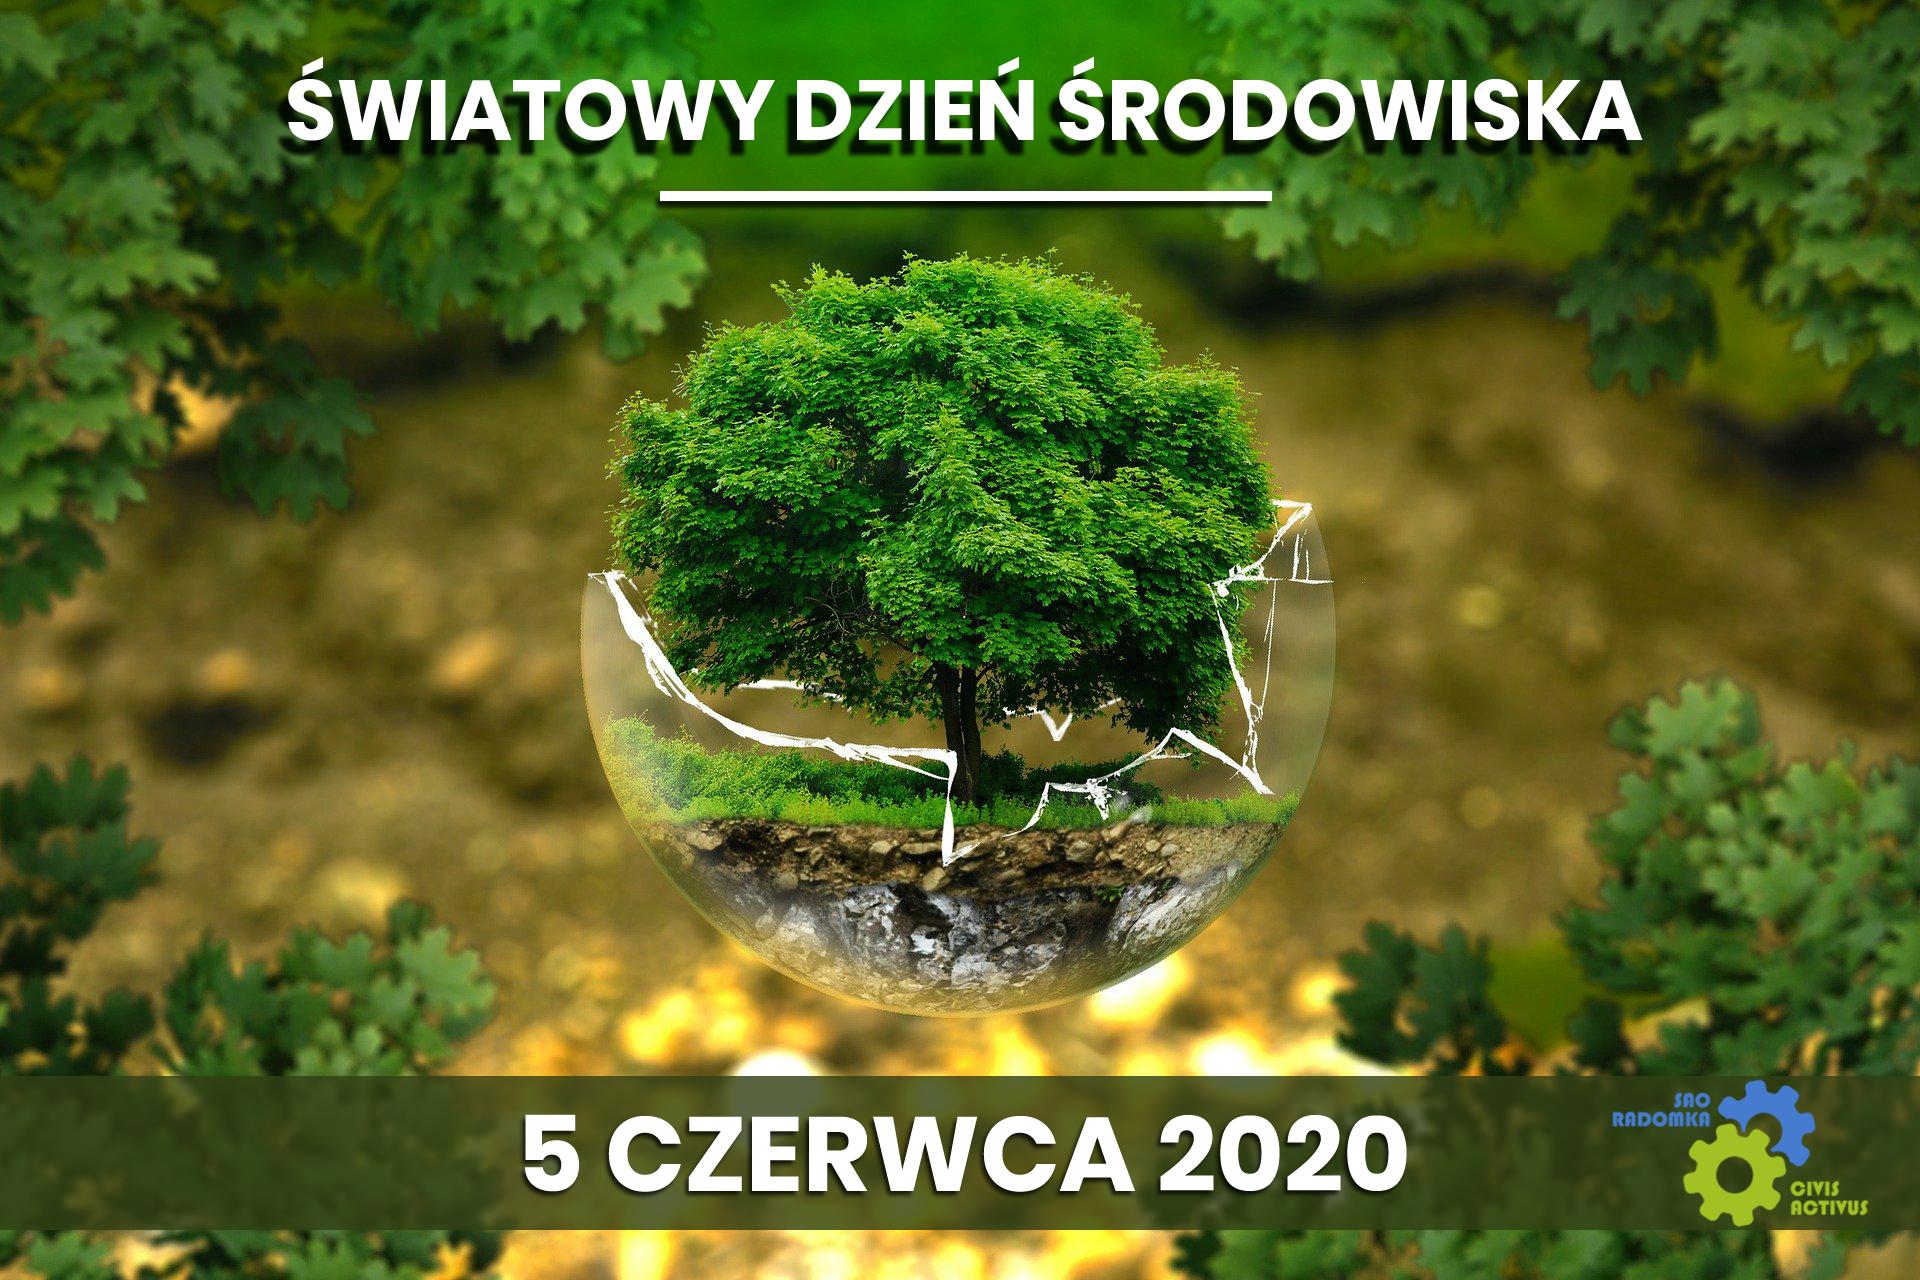 Plakat SAO RADOMKA Swiatowy Dzien Srodowiska